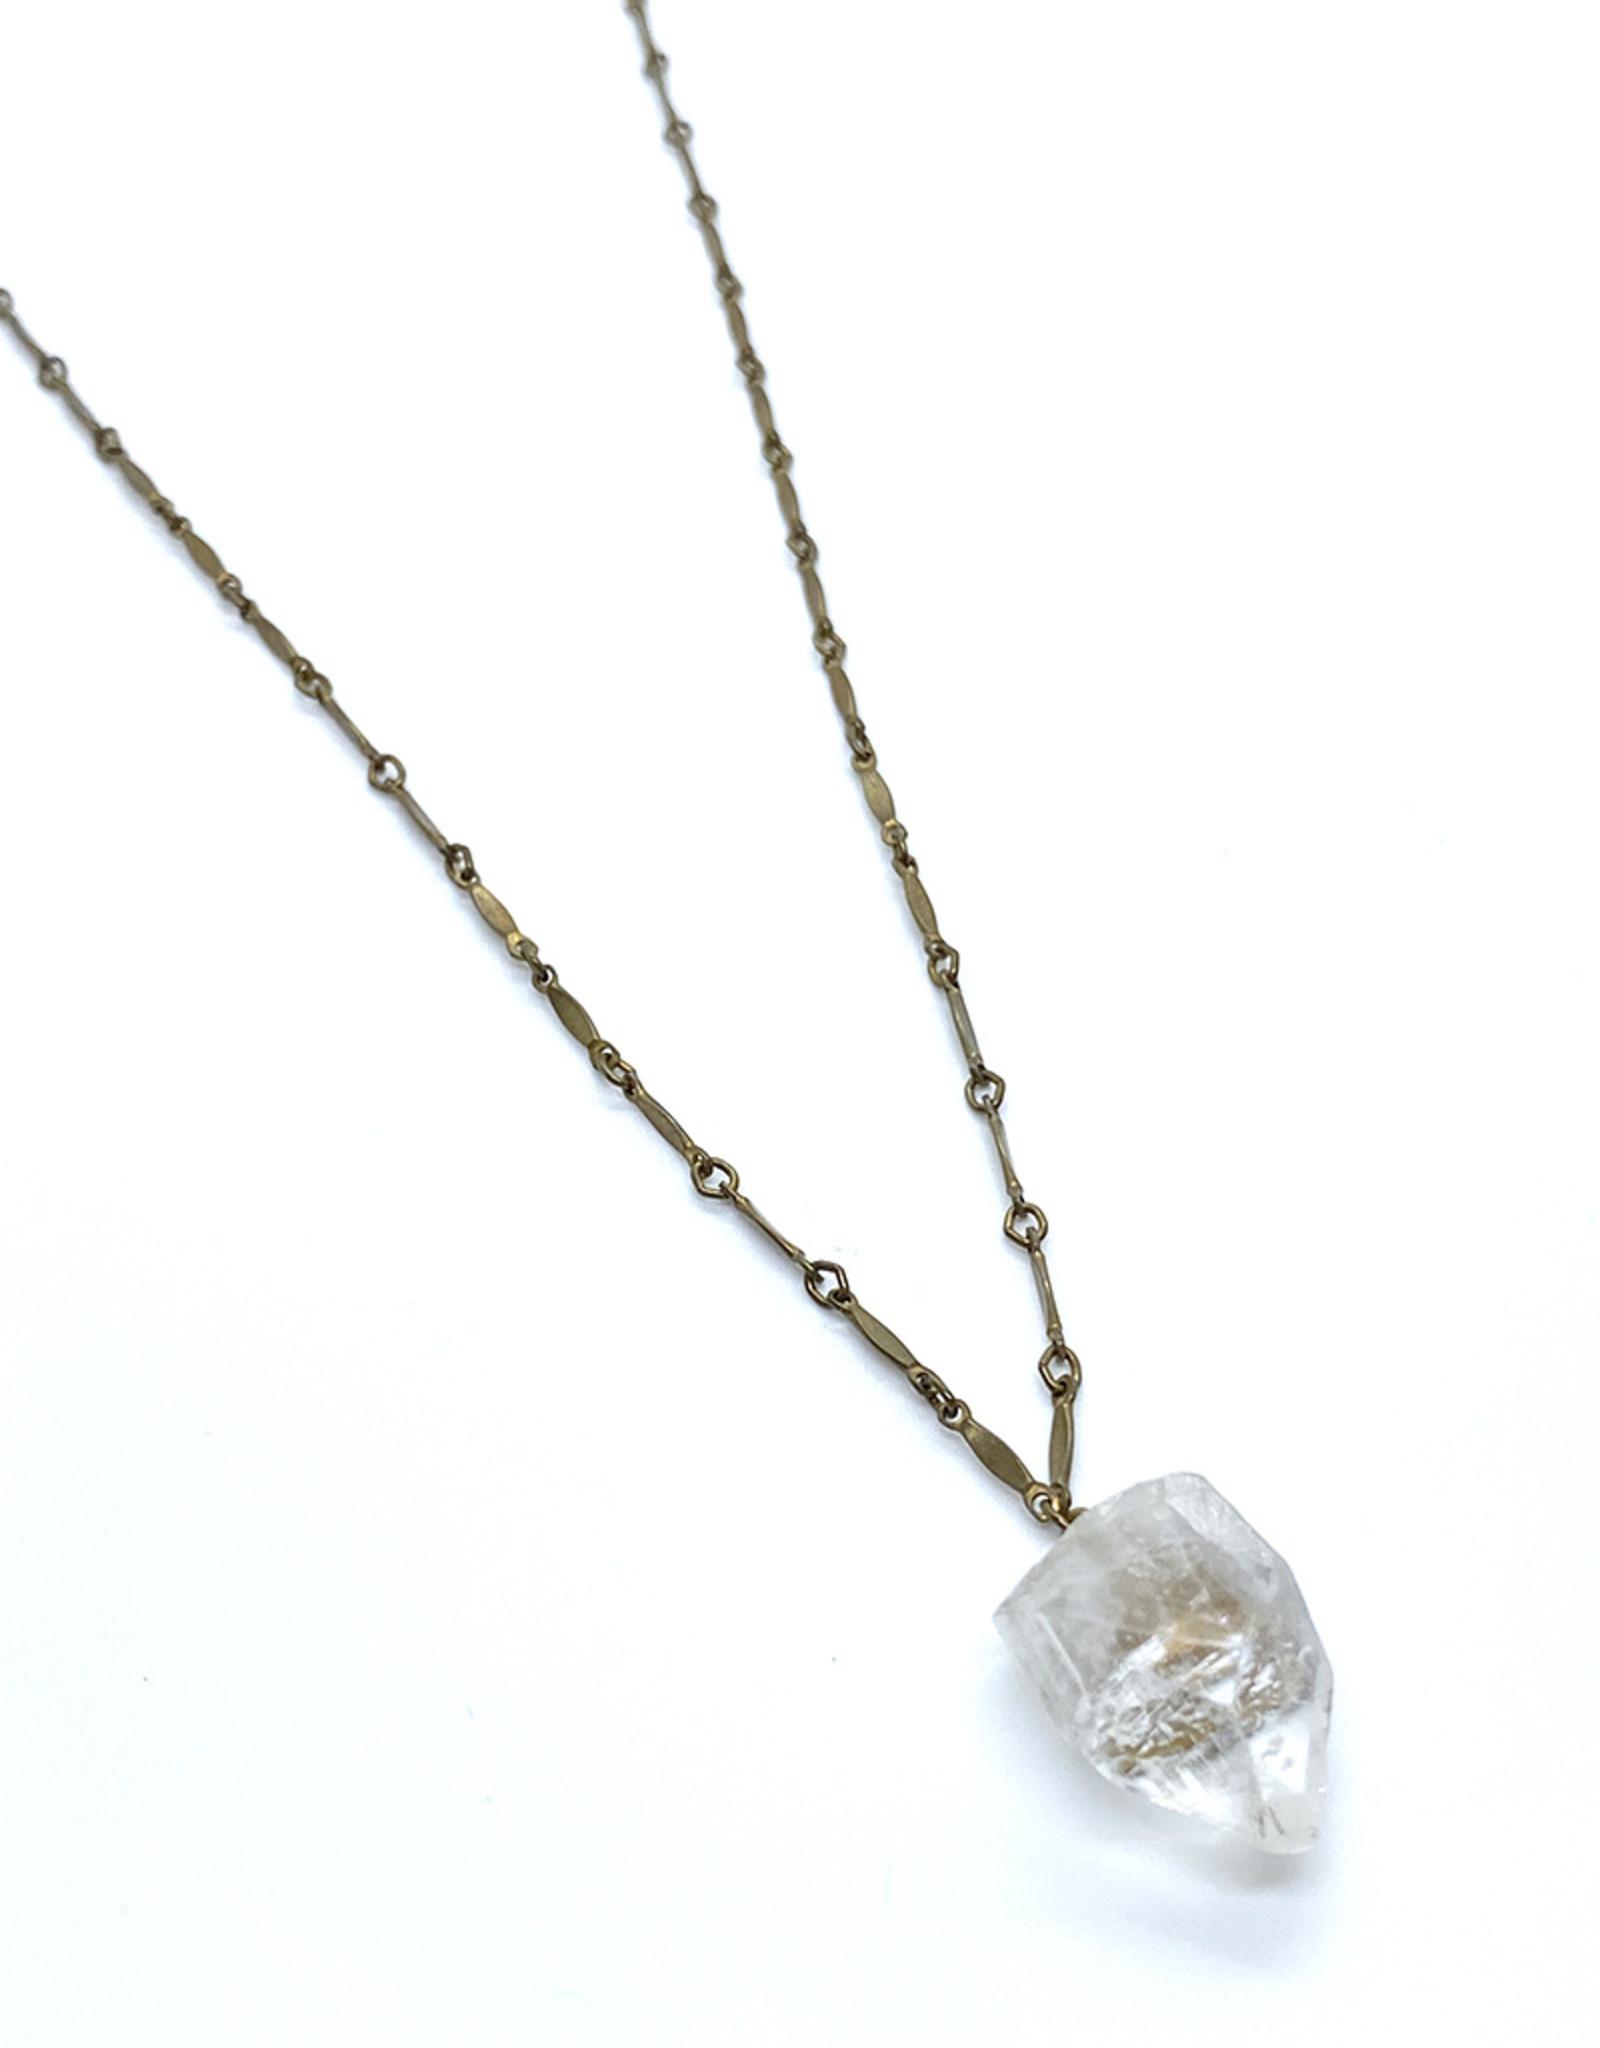 kizmet jewelry Apophyllite Necklace by Kizmet Jewelry